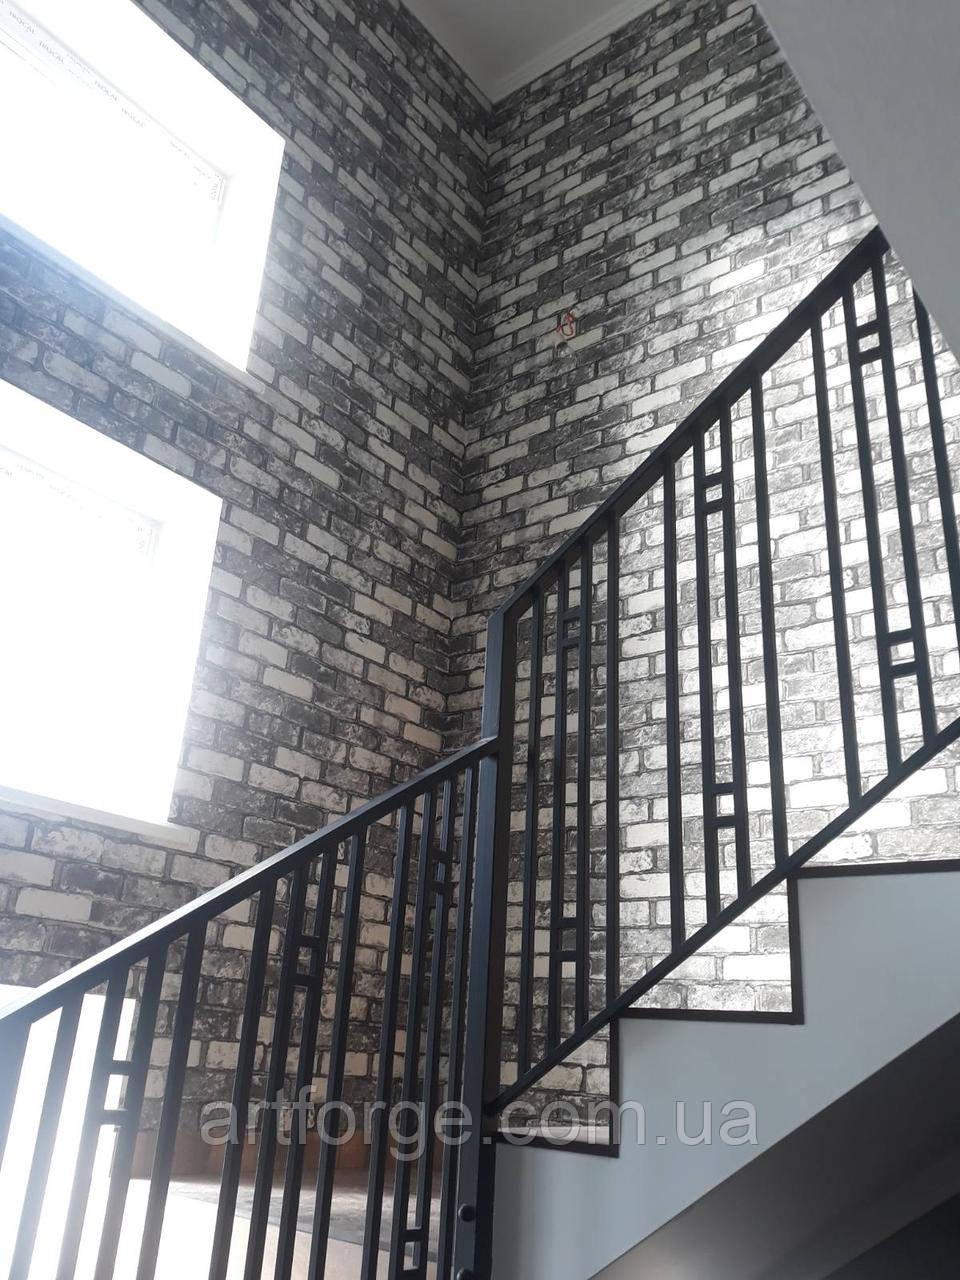 """Ограждение, перила для лестницы в современном стиле """"Лофт"""""""